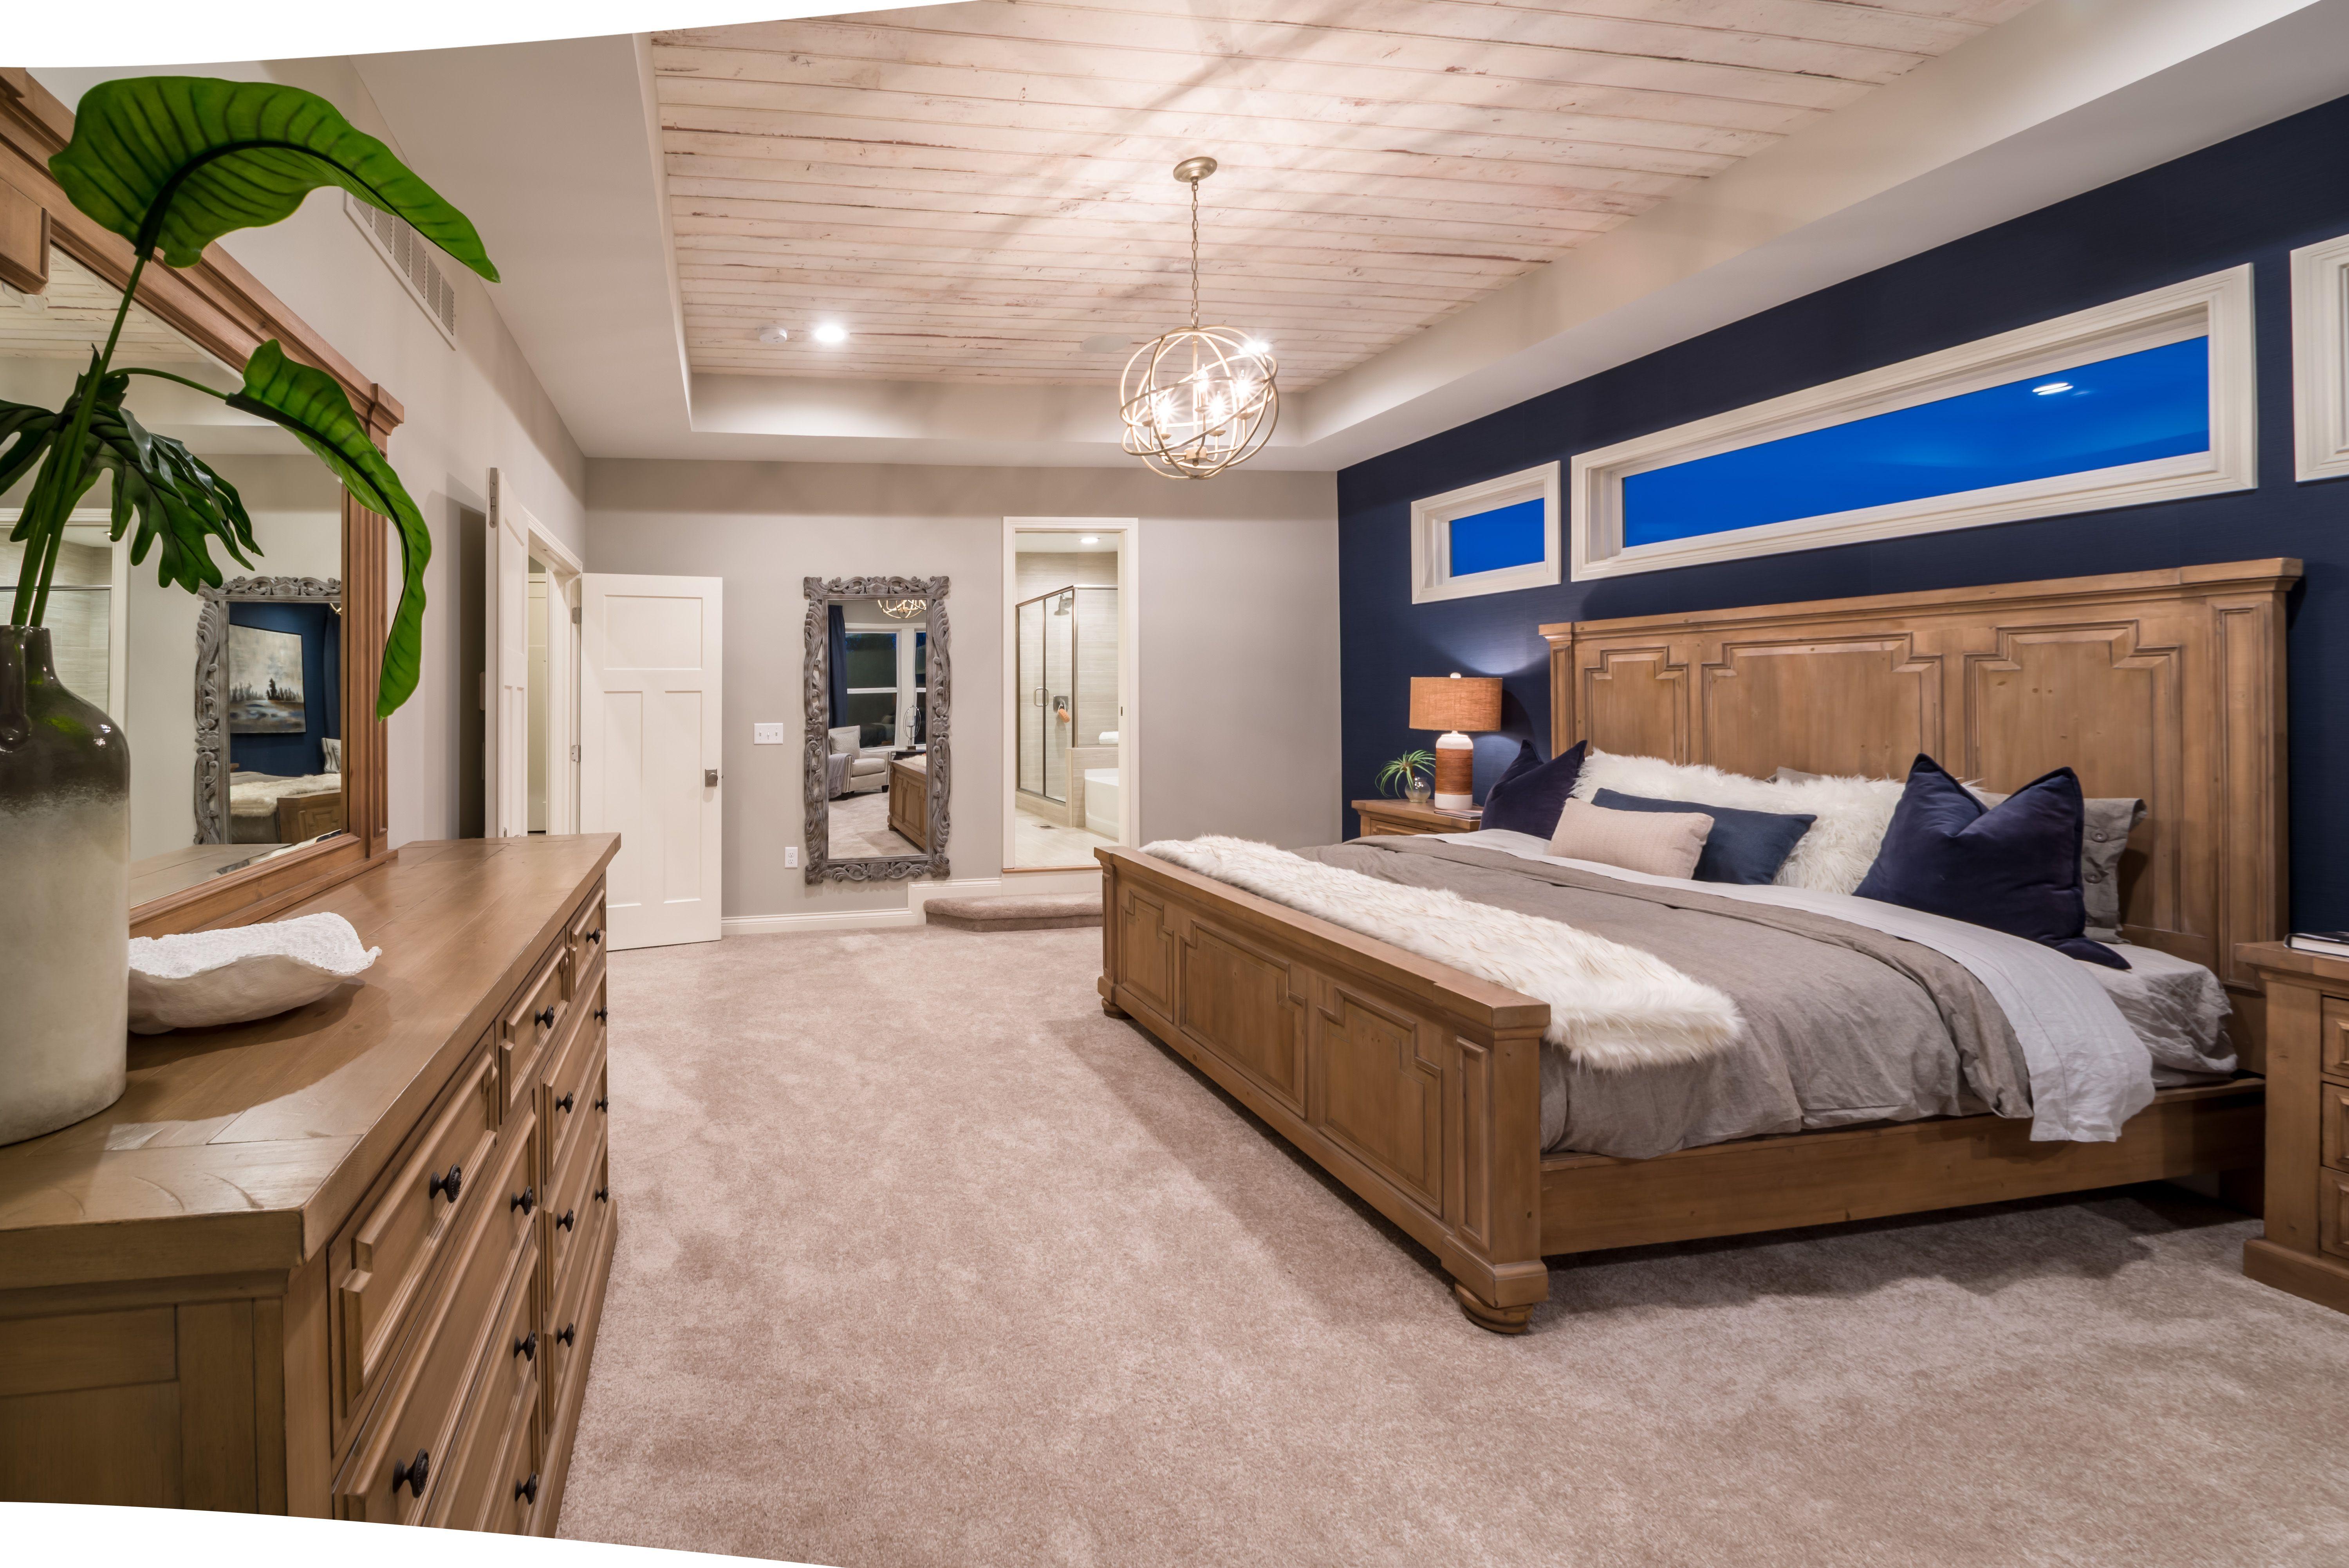 Bedroom featured in the Clay By Fischer Homes  in Cincinnati, KY